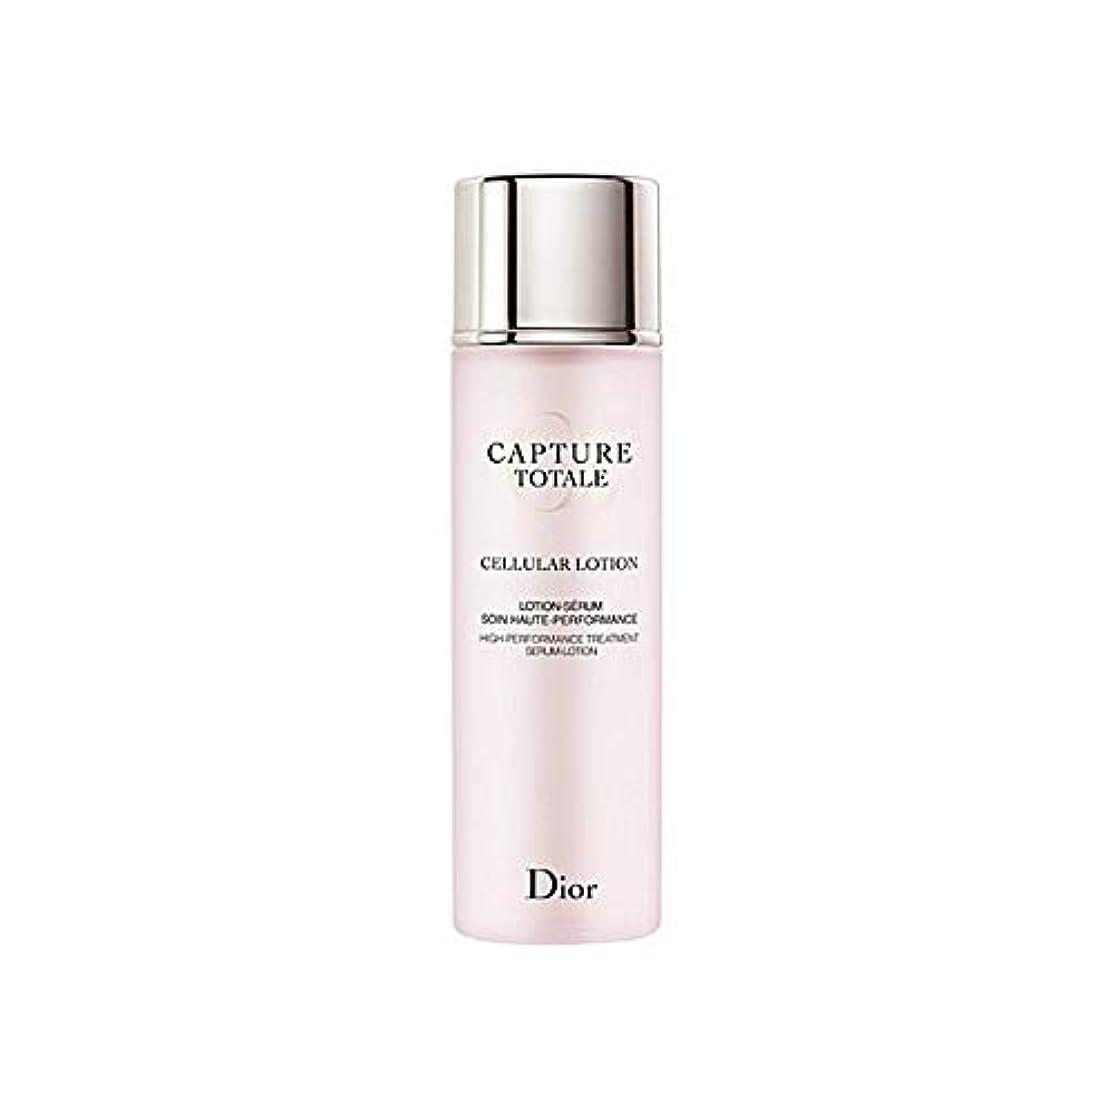 トランジスタ動機熟す[Dior] ディオールキャプチャカプチュールトータルセルラーローション - Dior Capture Totale Cellular Lotion [並行輸入品]